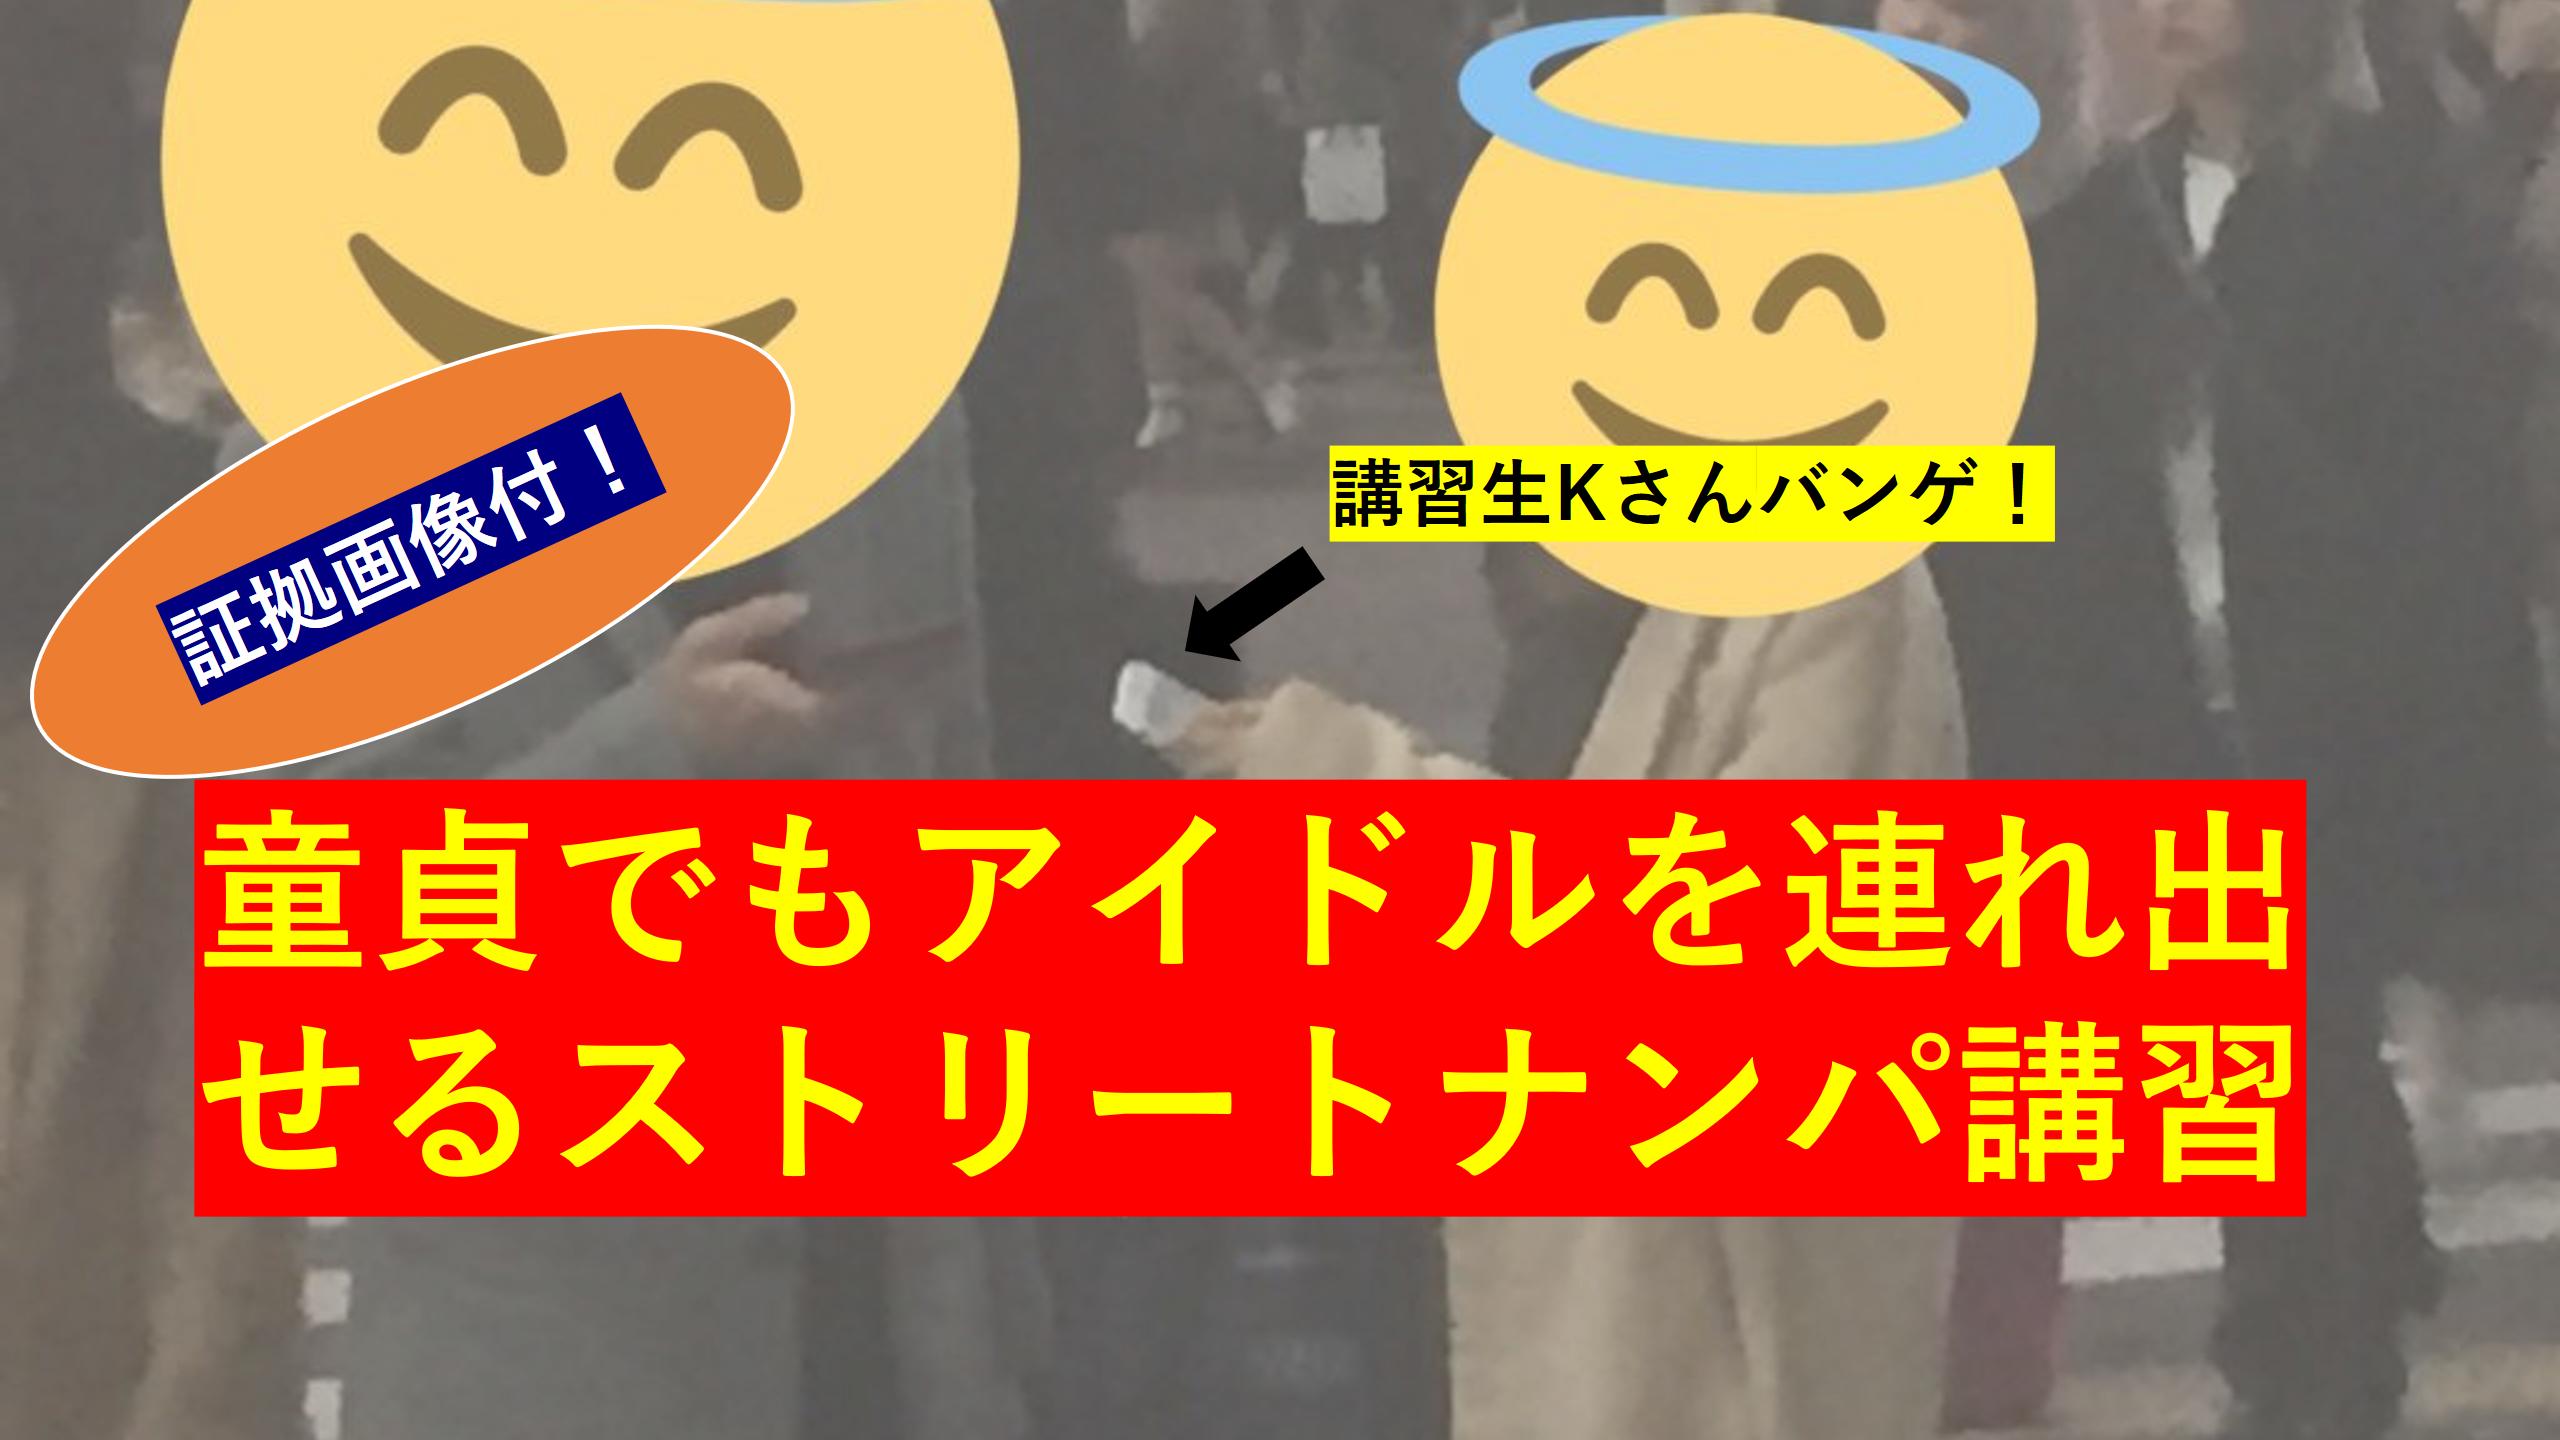 <ナンパ動画公開>マンツーマンストリートナンパ講習の詳細